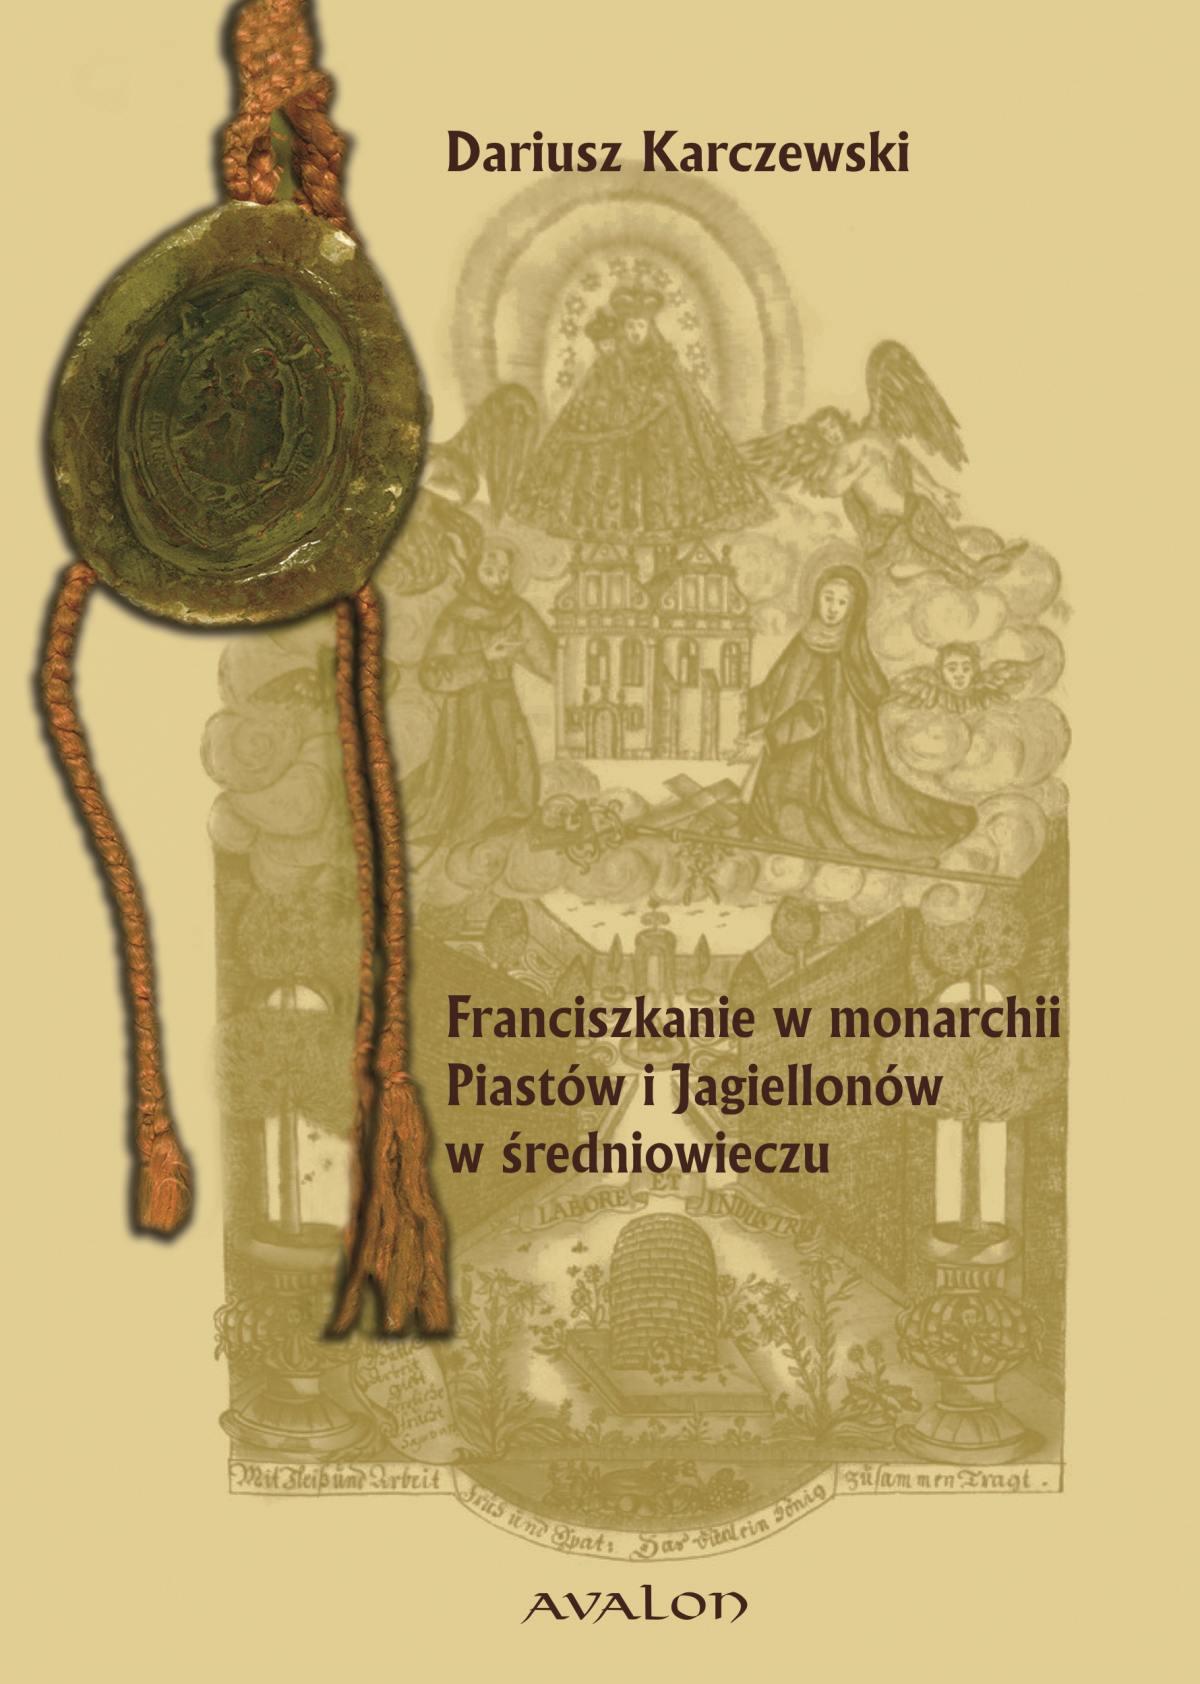 Franciszkanie w monarchii Piastów i Jagiellonów w średniowieczu - Ebook (Książka PDF) do pobrania w formacie PDF